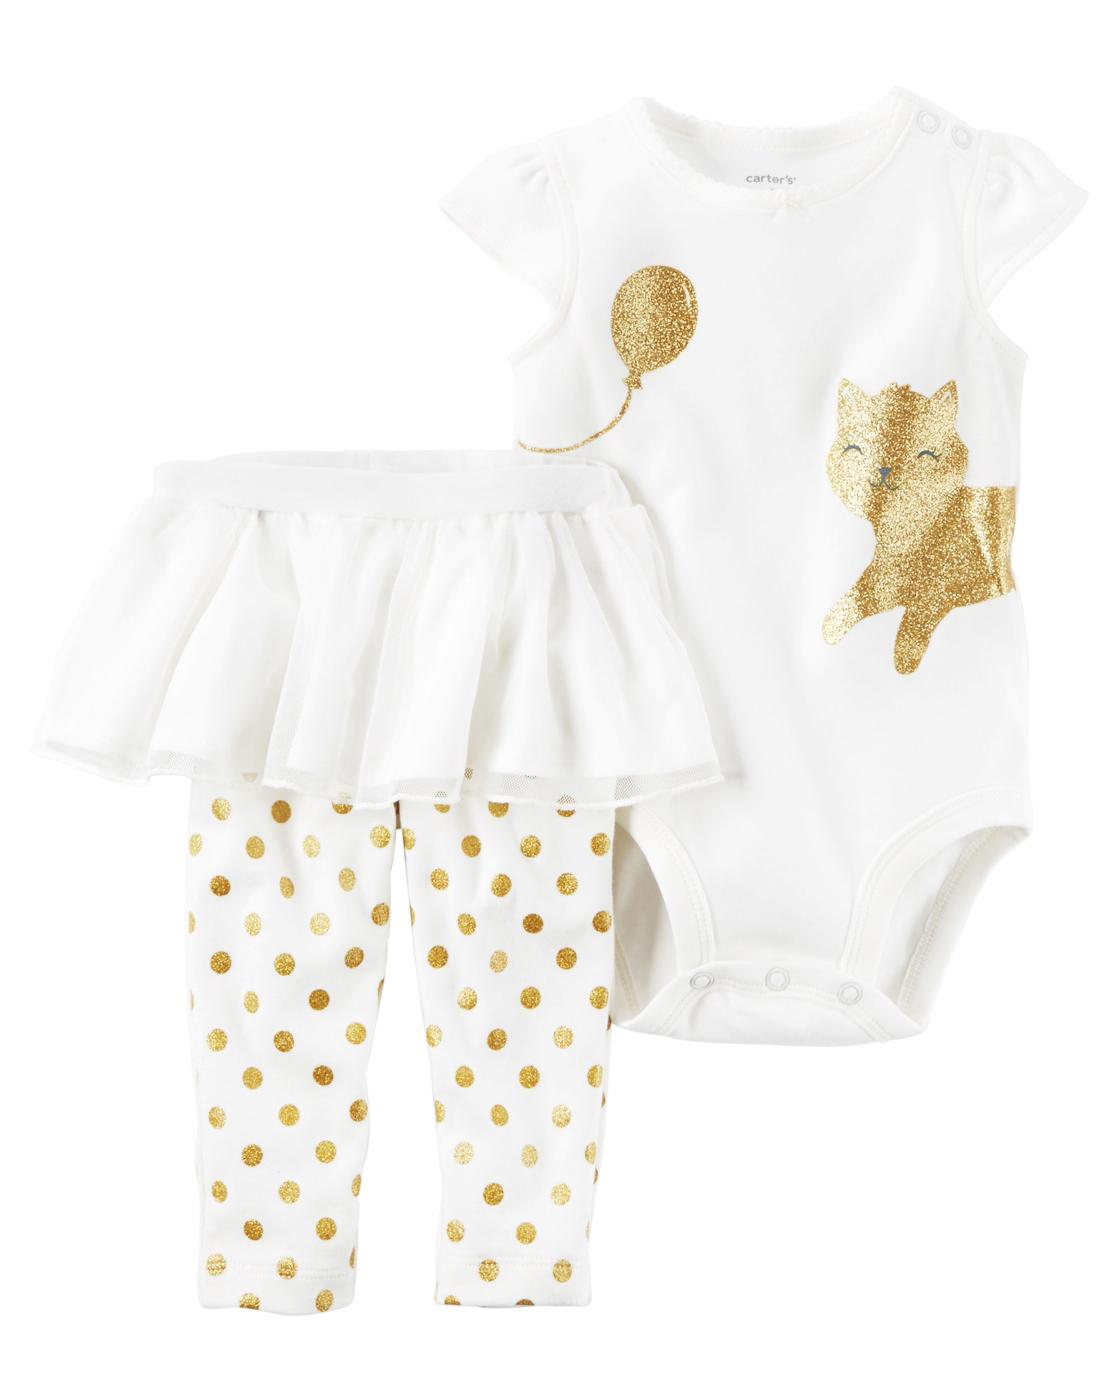 【美國Carter's】短袖套裝2件組 - 金色貓咪包屁衣 點點長褲 121H275